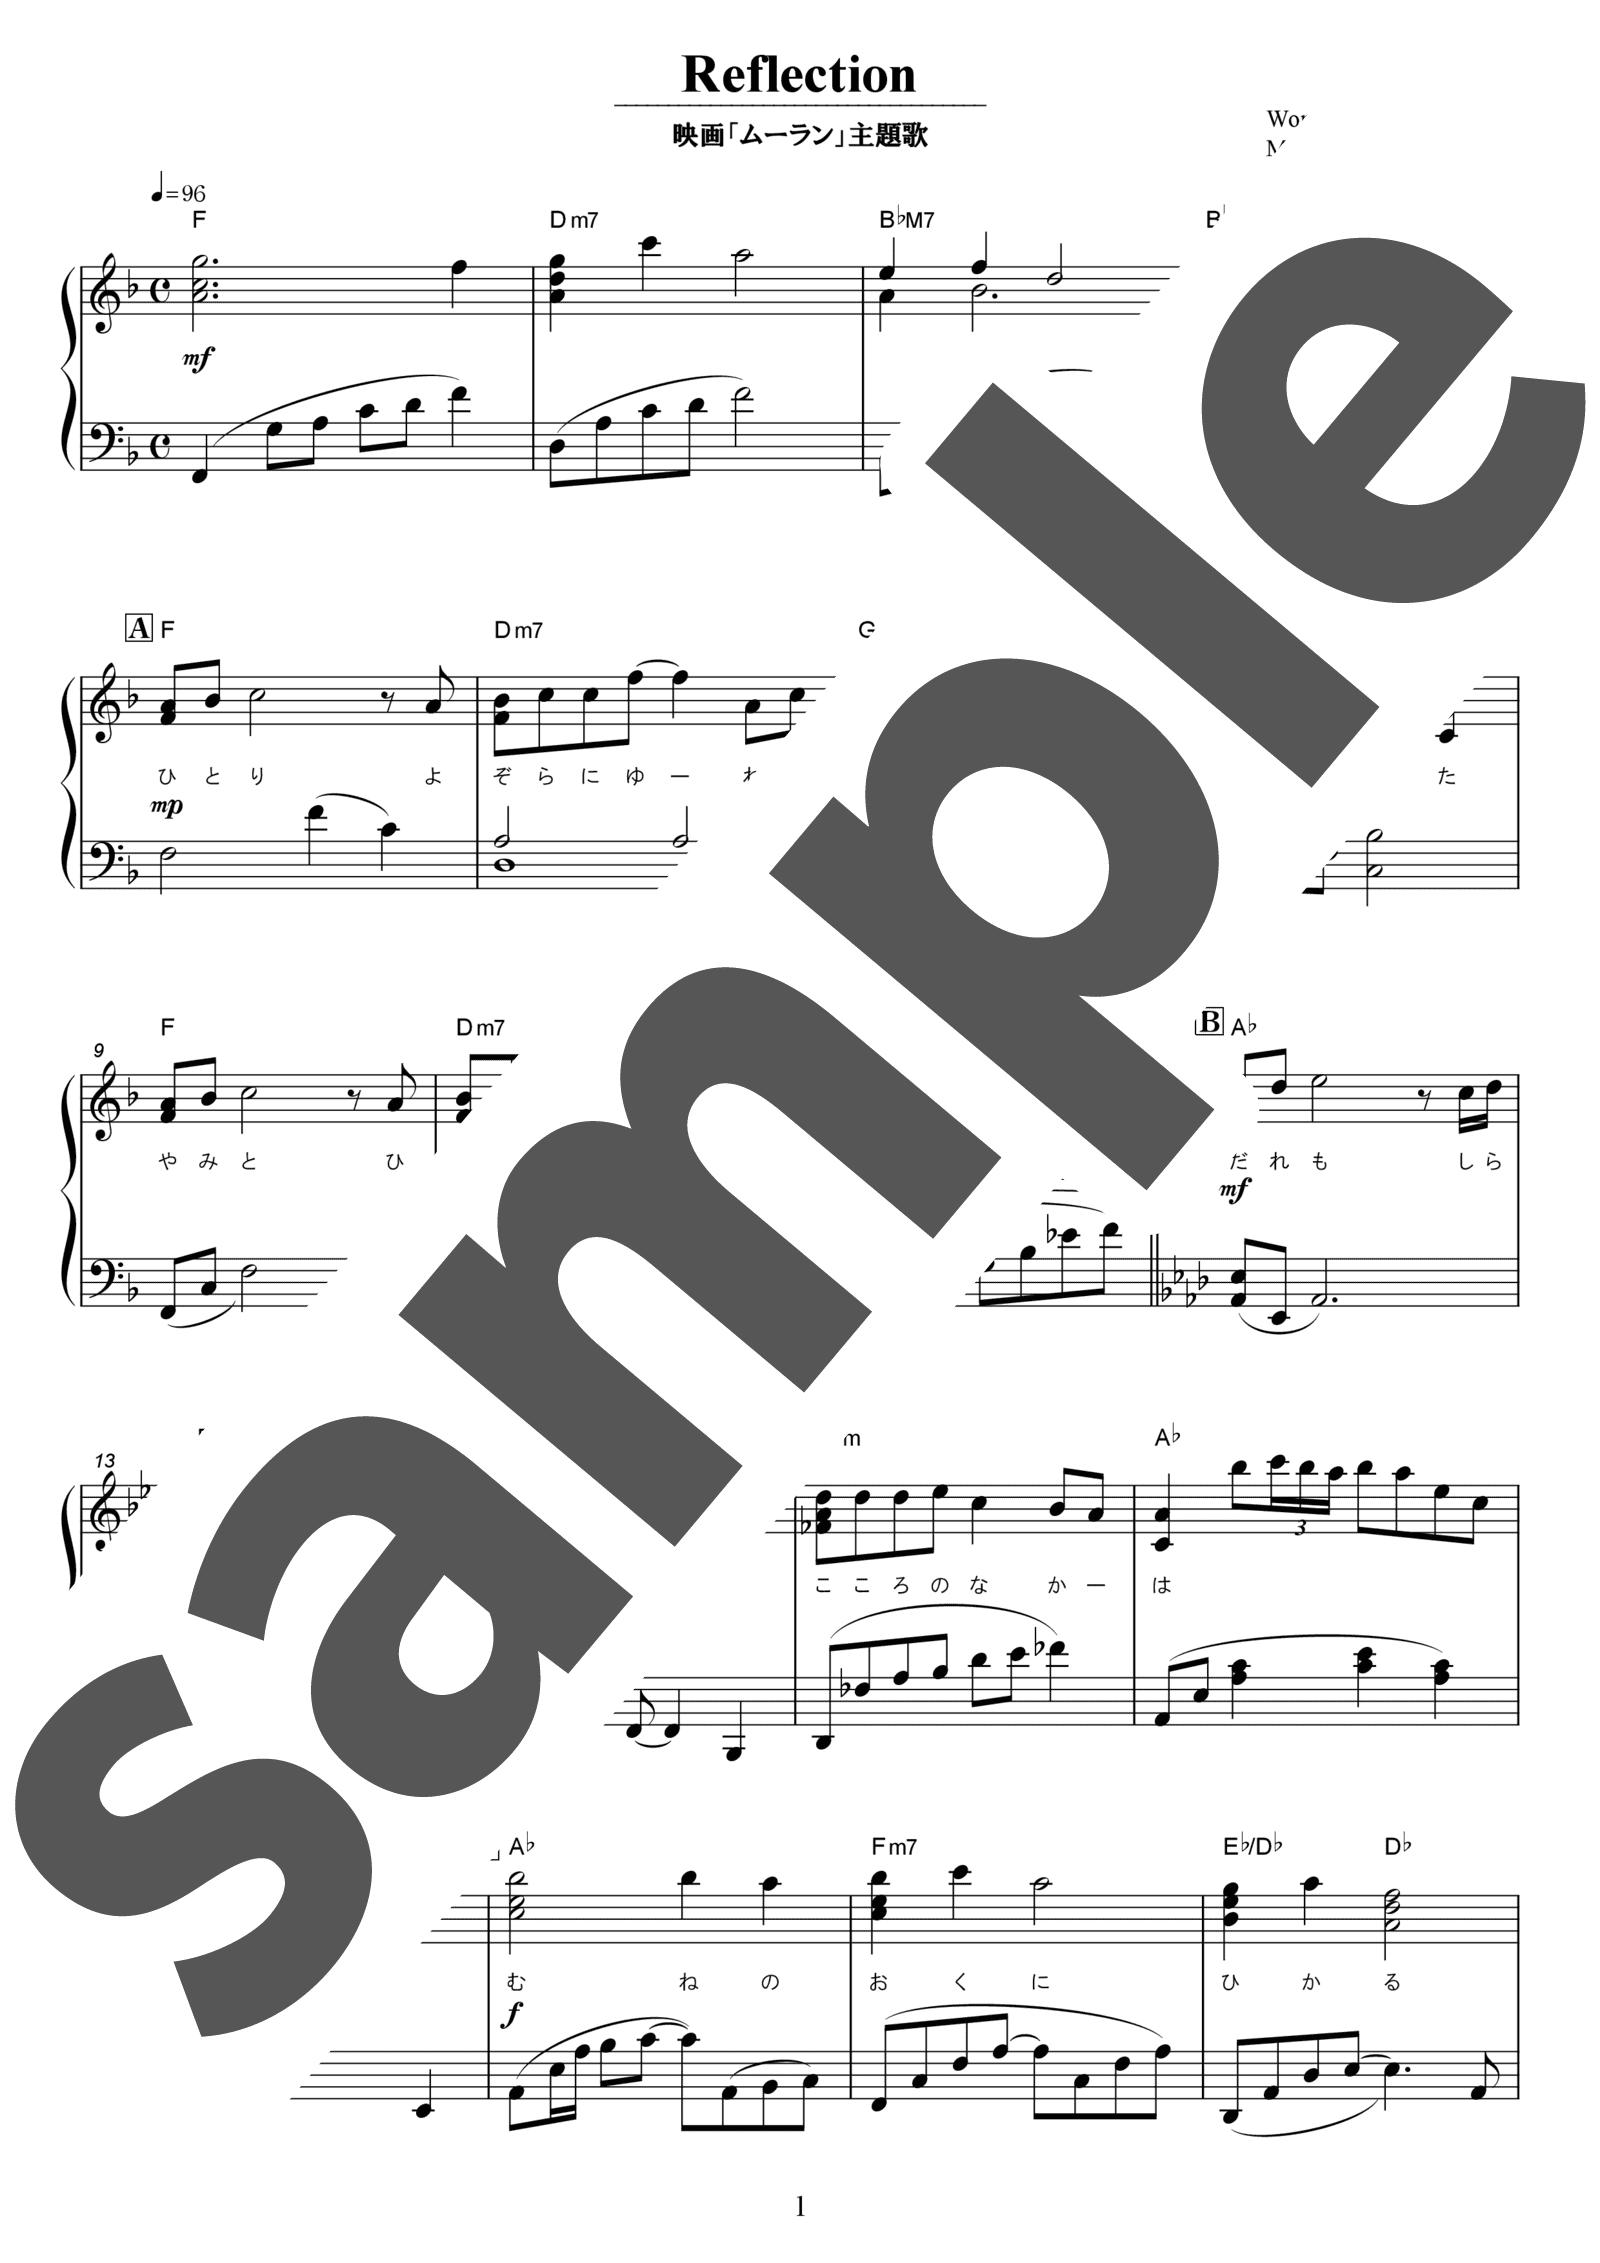 「リフレクション」のサンプル楽譜